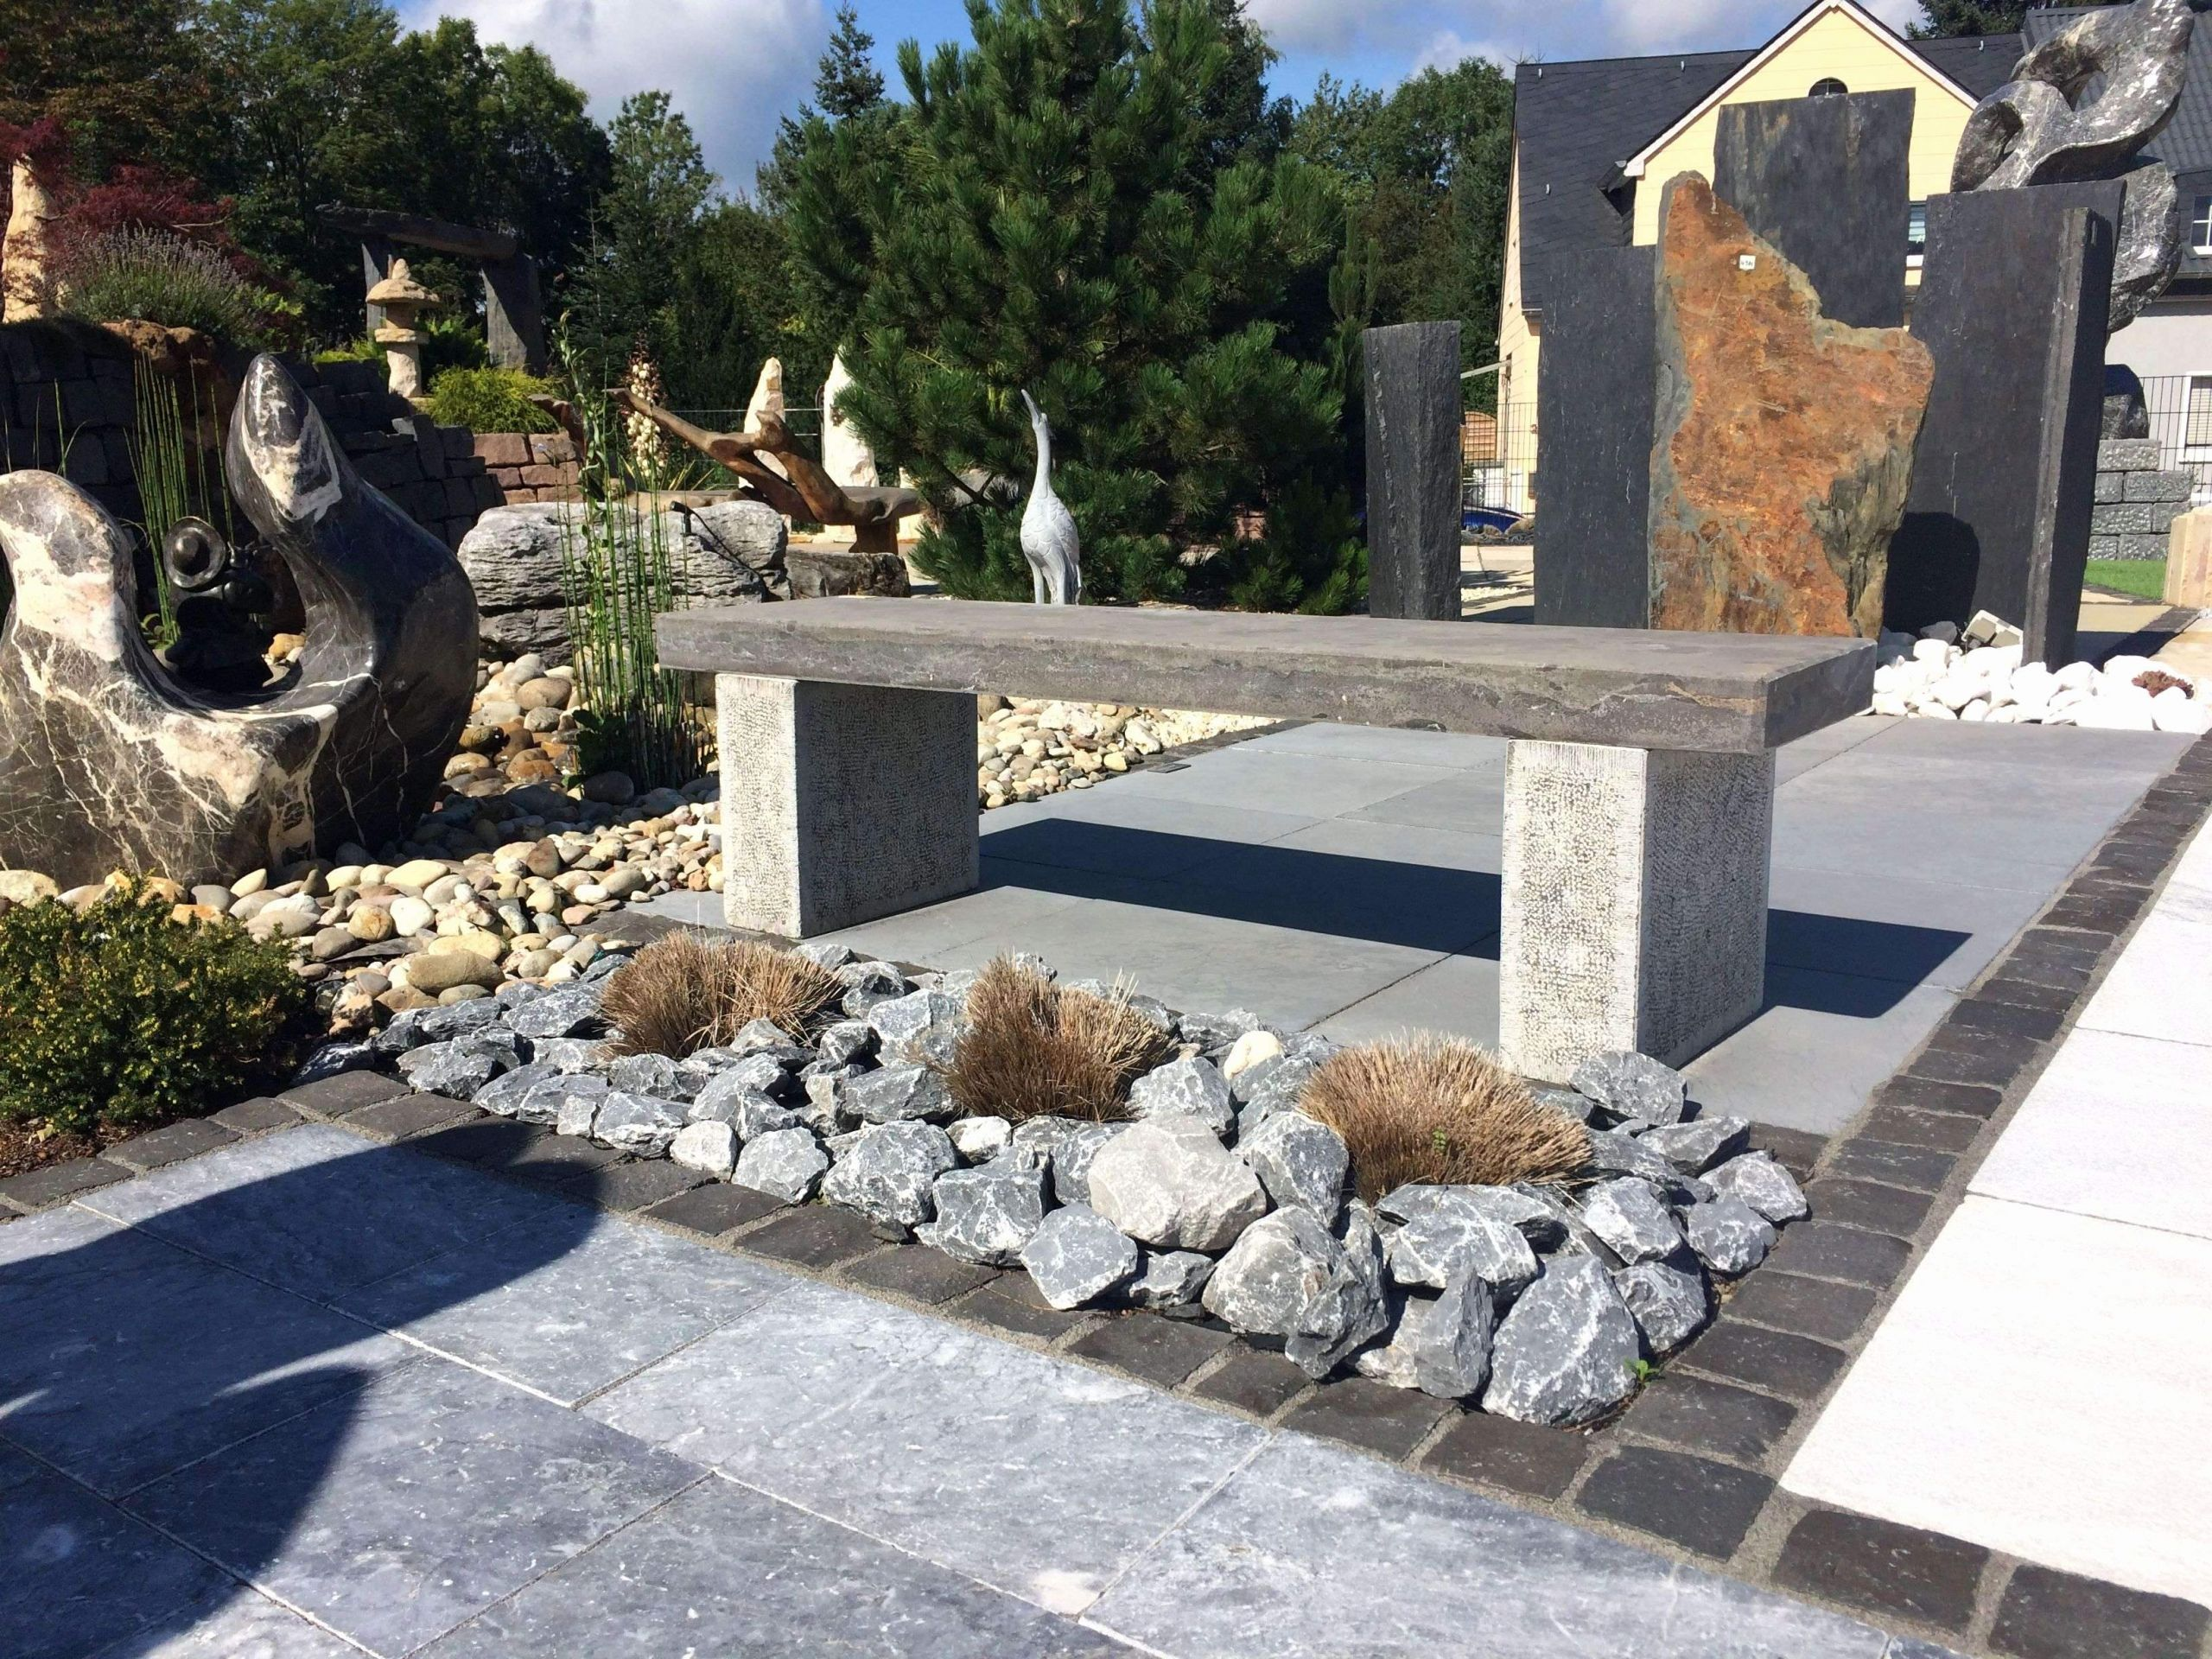 zen rock garden inspirational 45 elegant zen garten anlegen bilder of zen rock garden